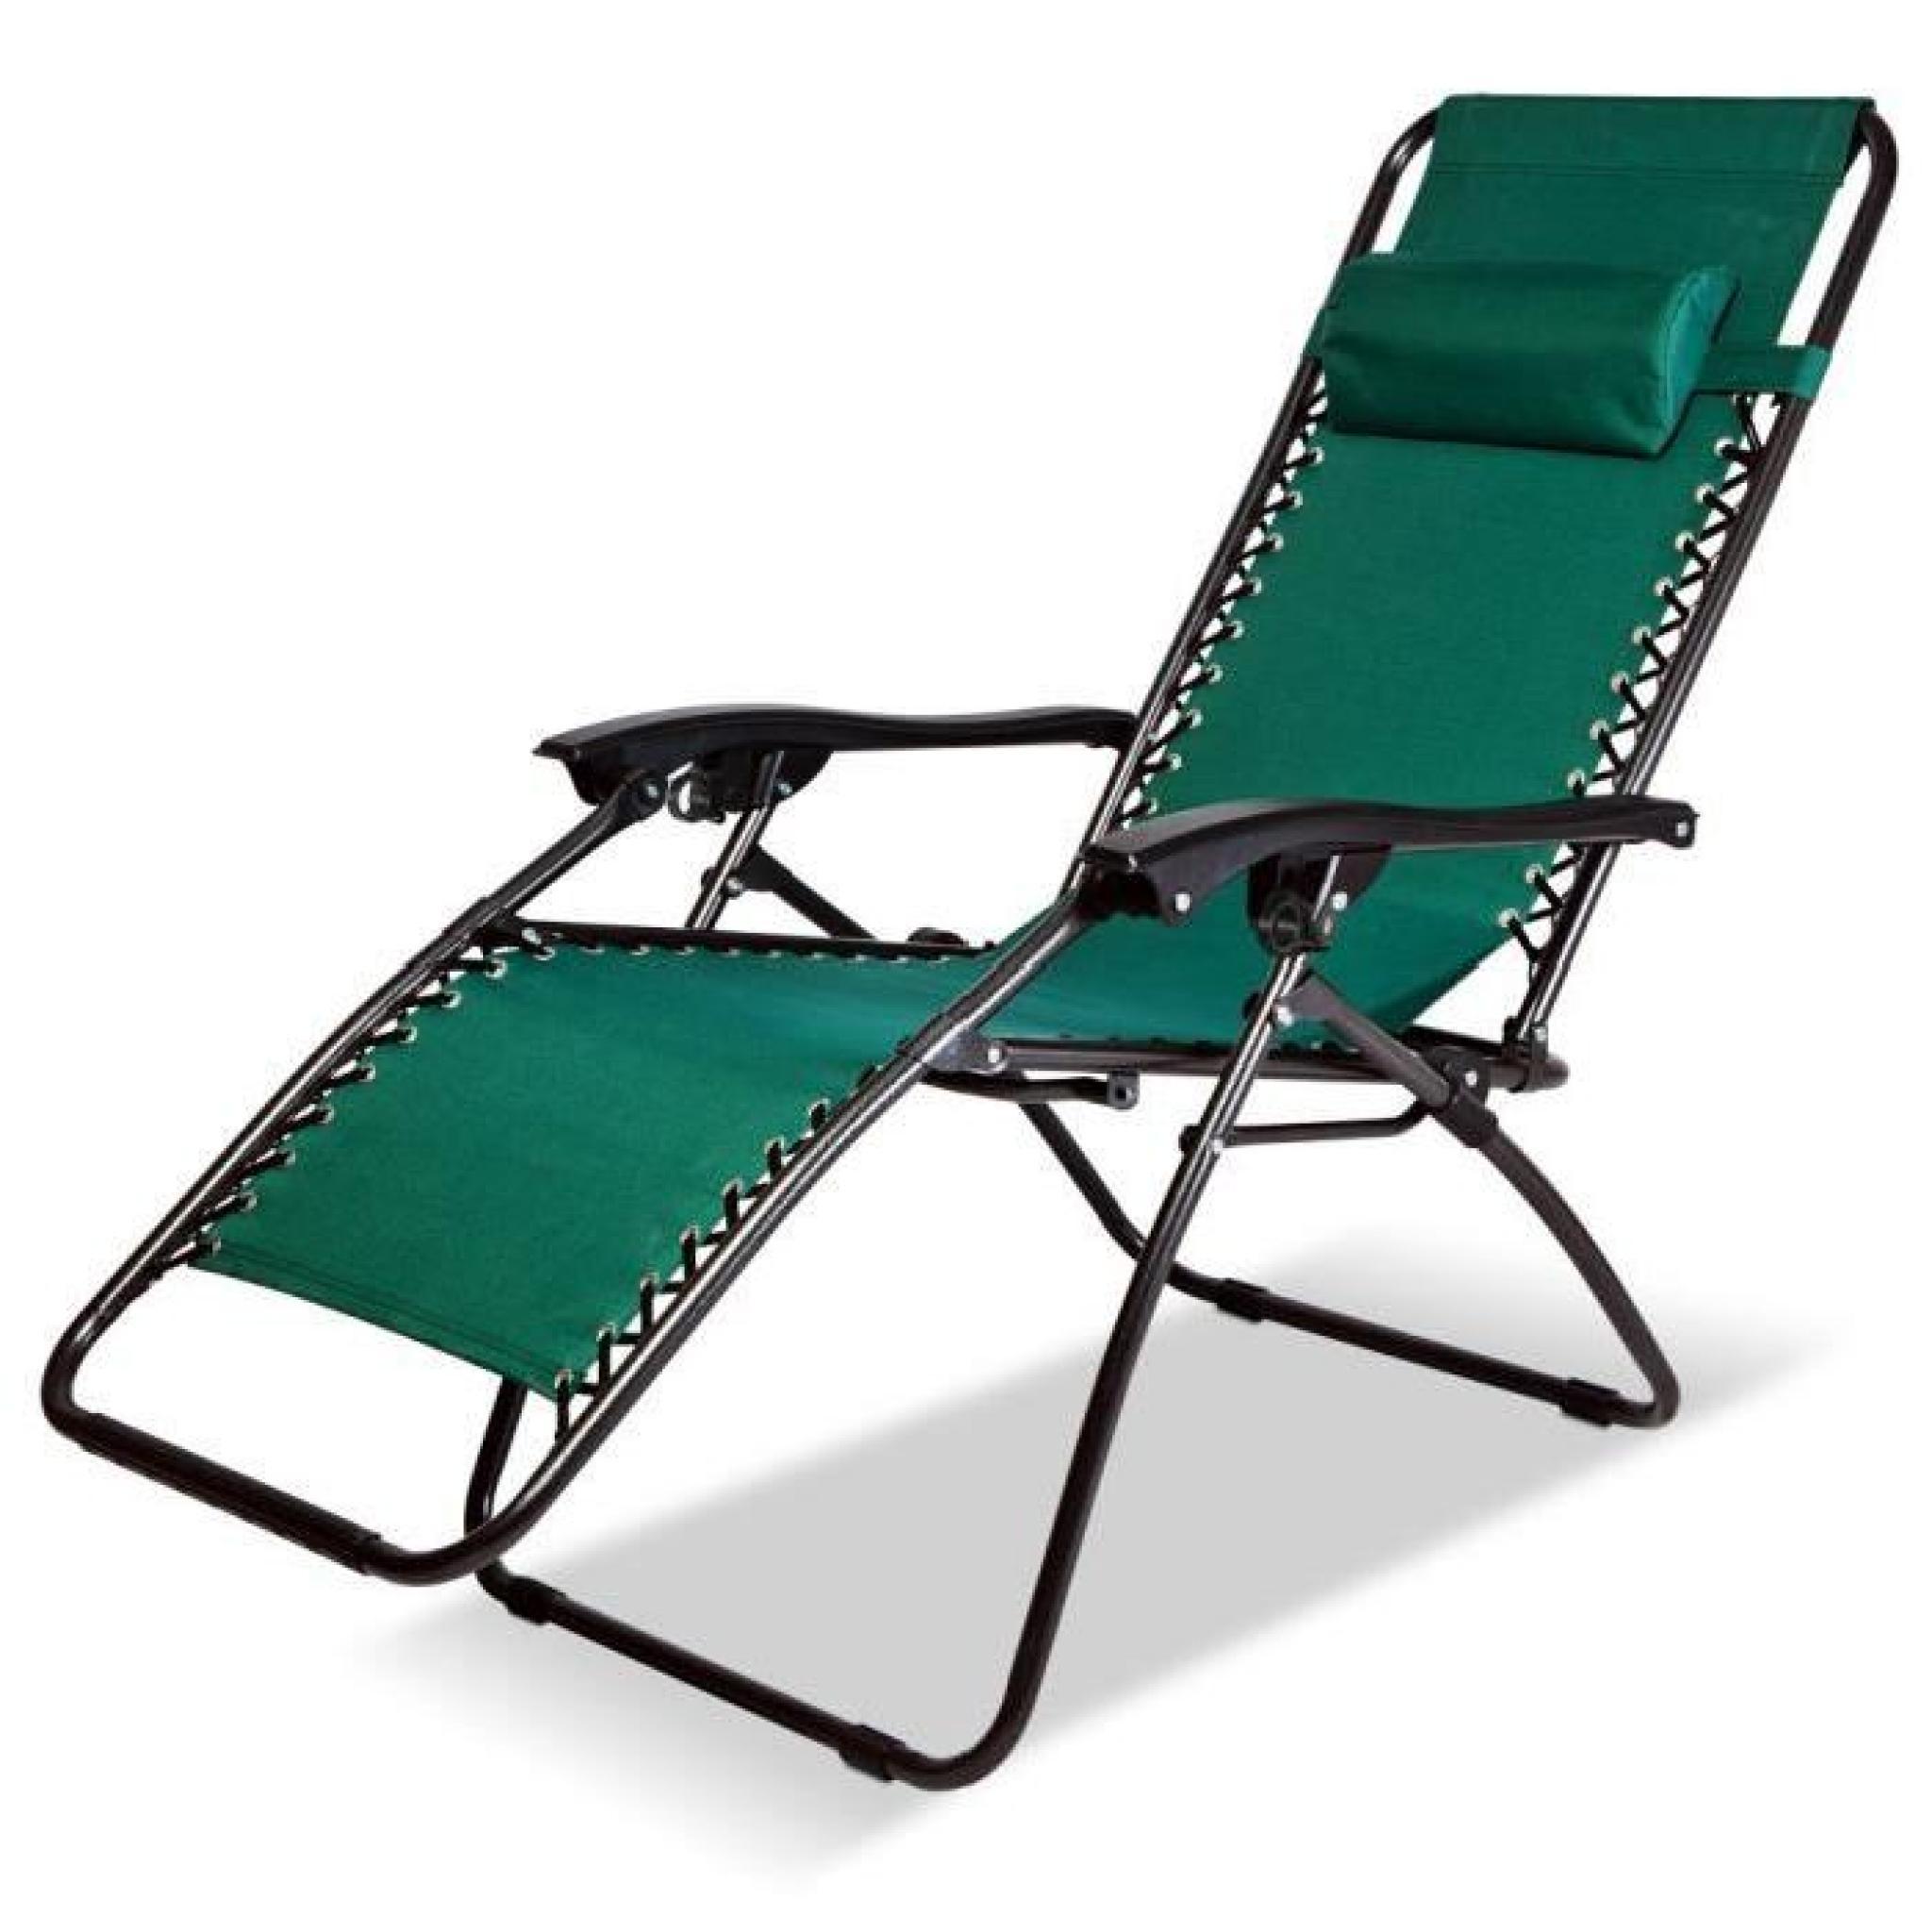 Chaise Longue De Jardin Pliable - Chaise Pliable De Camping - Transat  Terrasse concernant Chaise Longue De Jardin Pas Cher